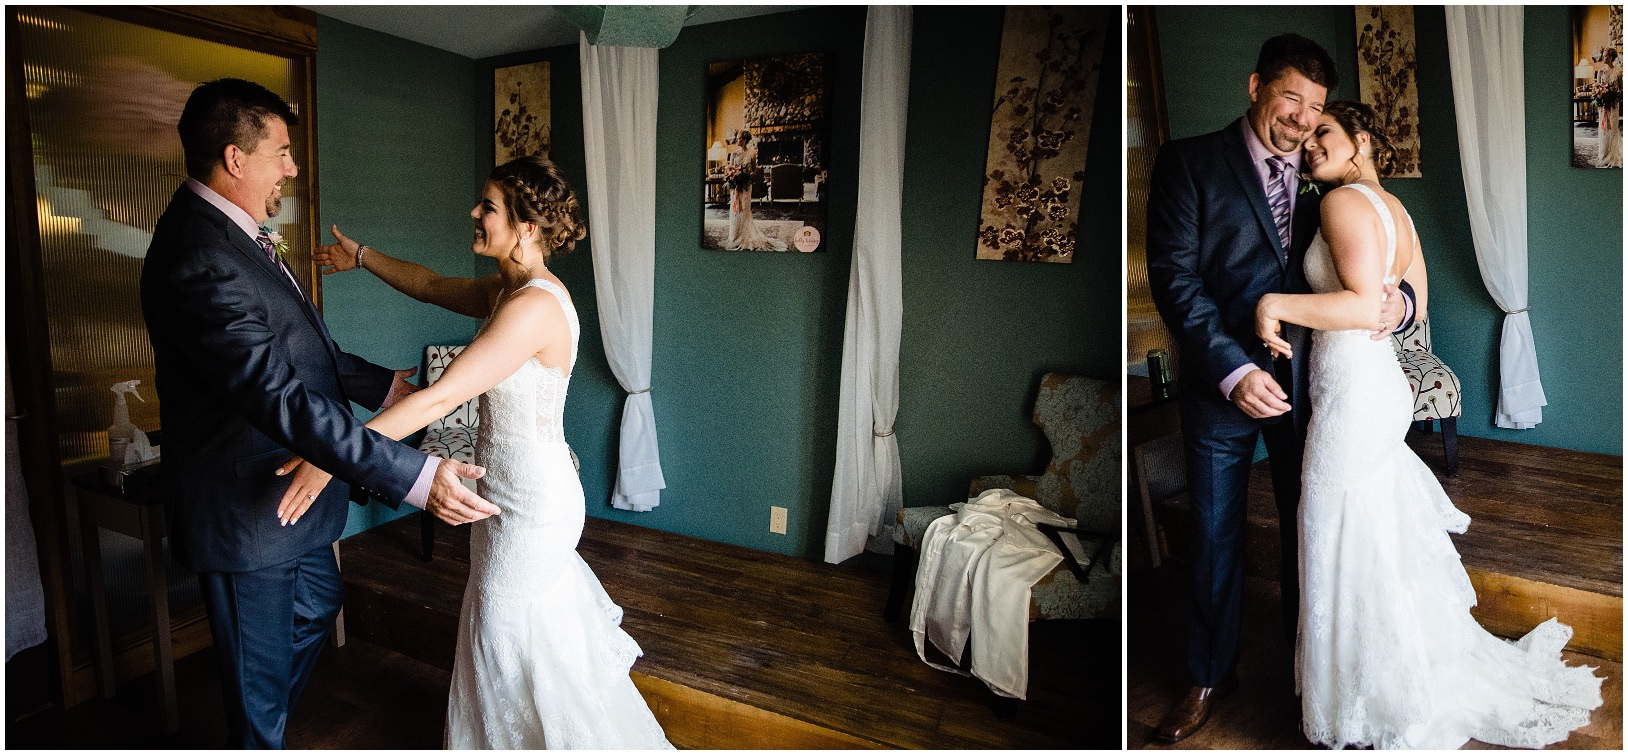 lindseyjanephotography_wedding0013.jpg